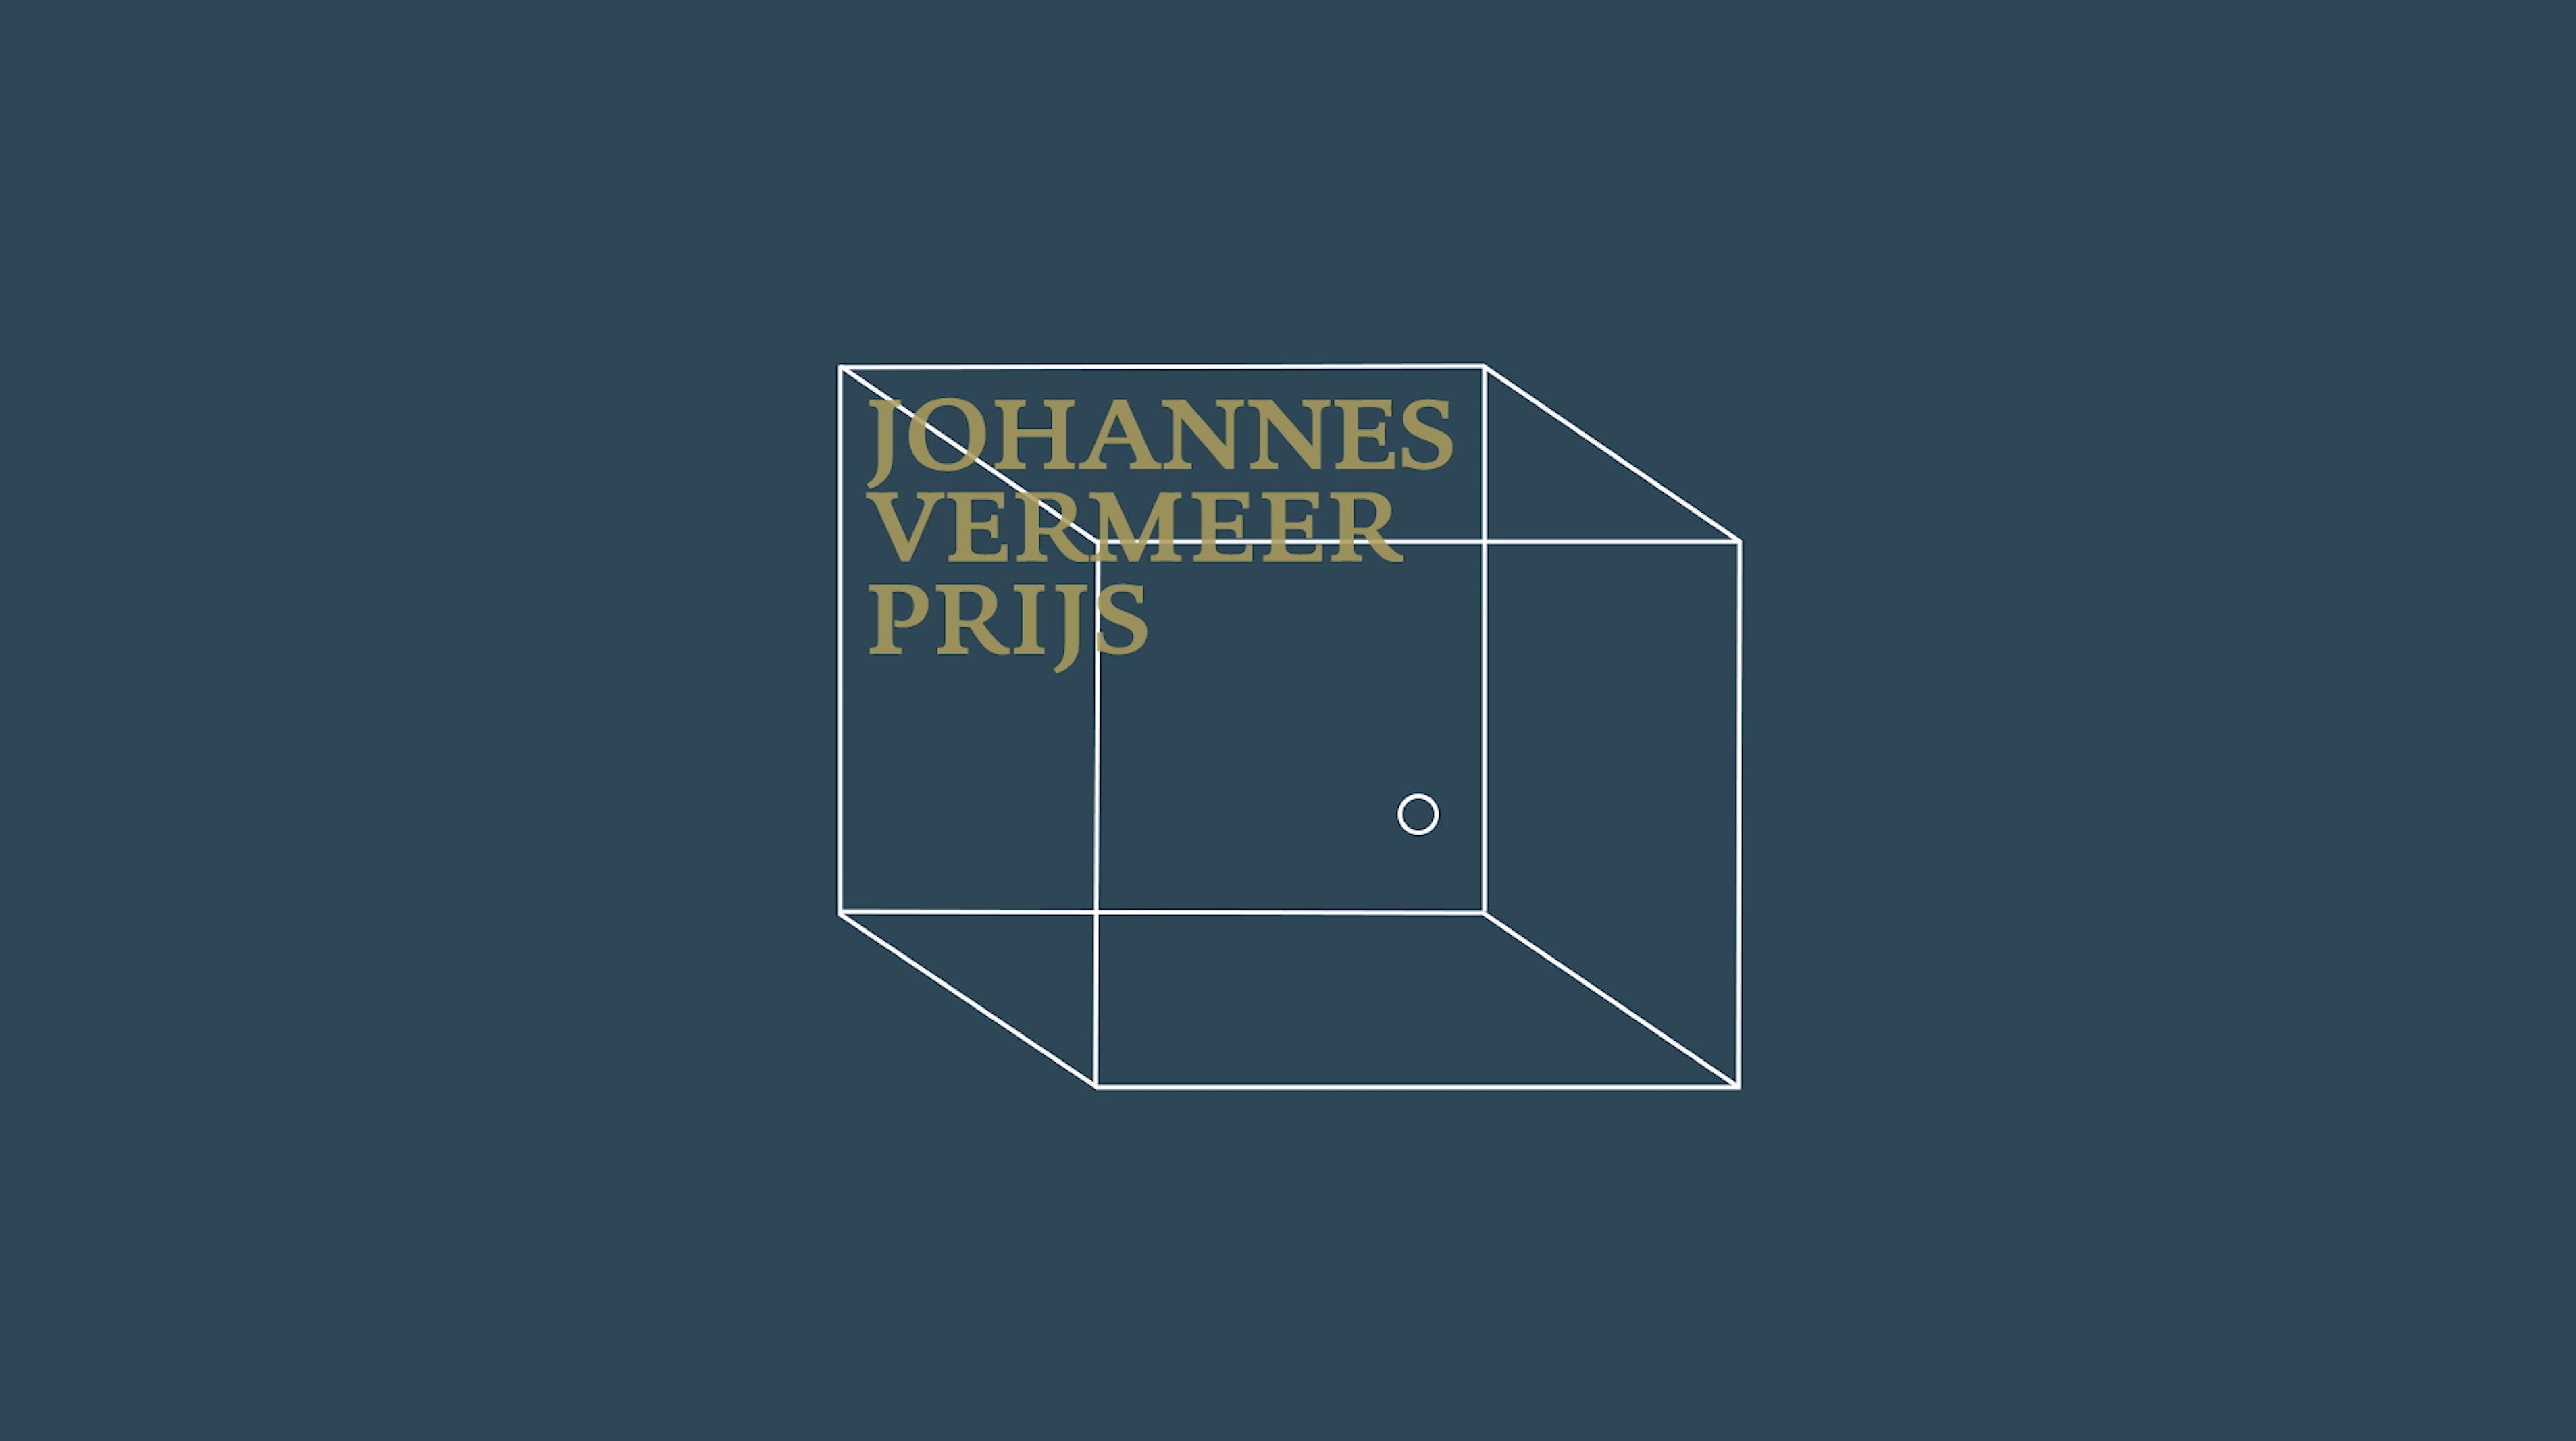 Johannes Vermeer Prijs